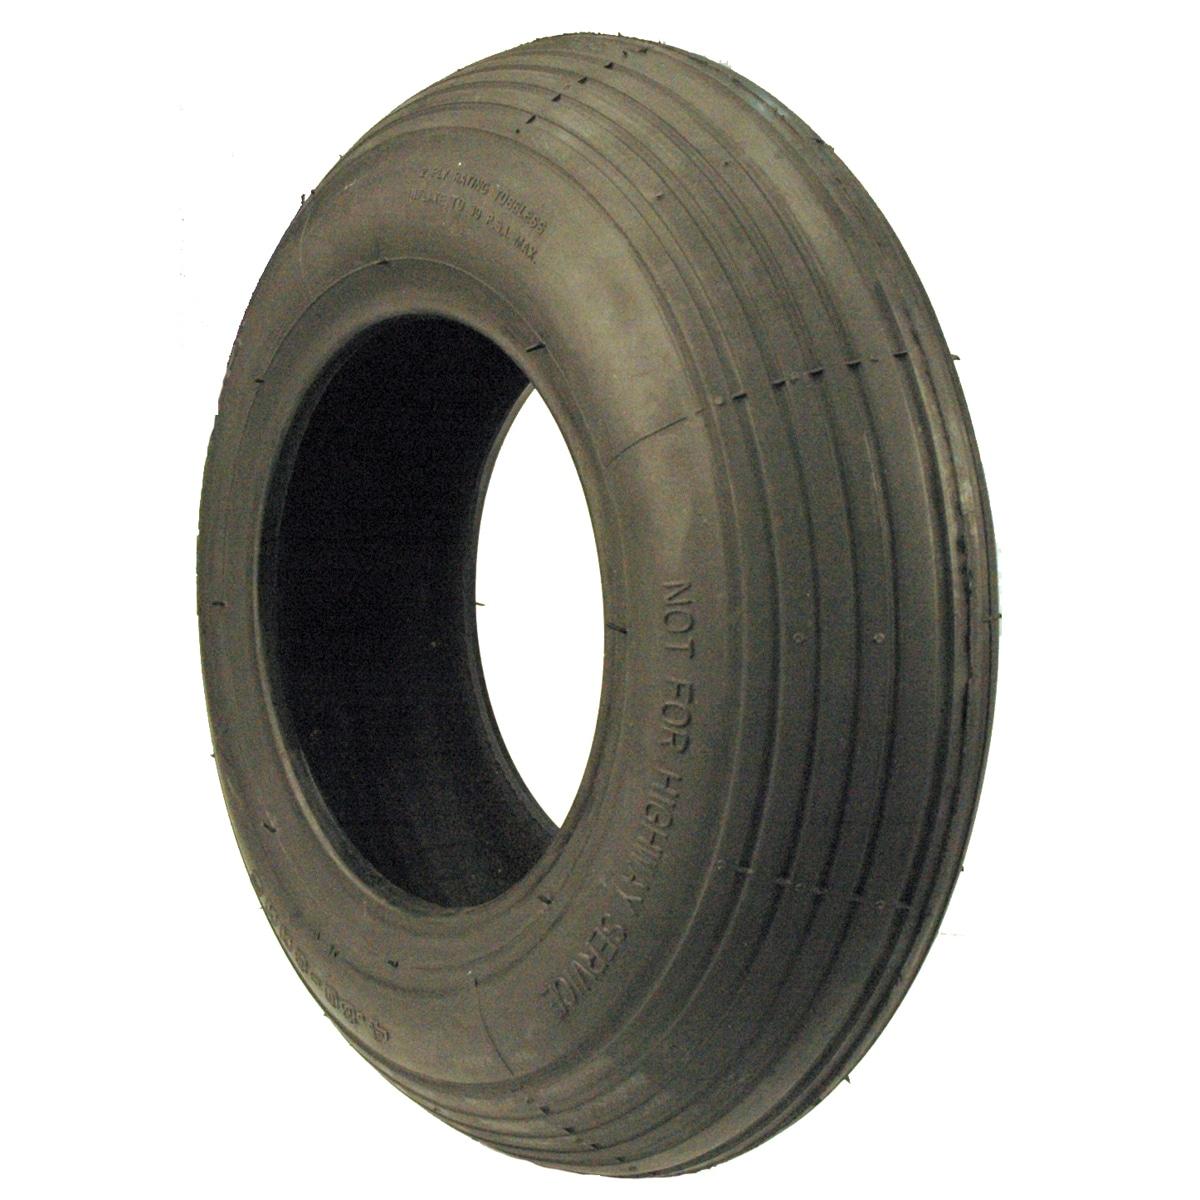 Maxpower 335250 Rib Tread Wheelbarrow Tire (Wheelbarrows)...